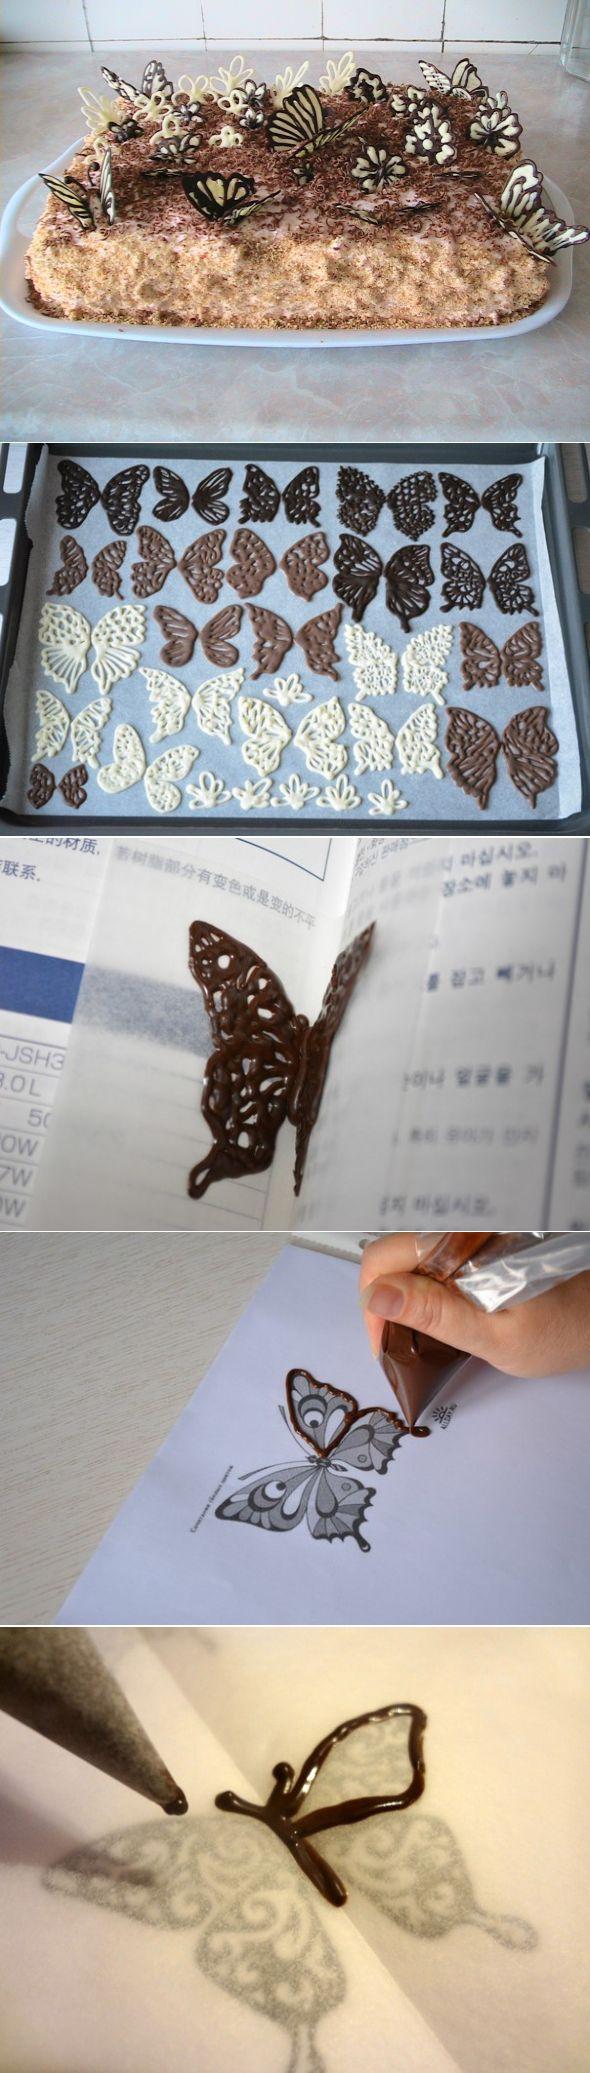 Шоколадные бабочки и узоры для украшения десерта » Женский Мир